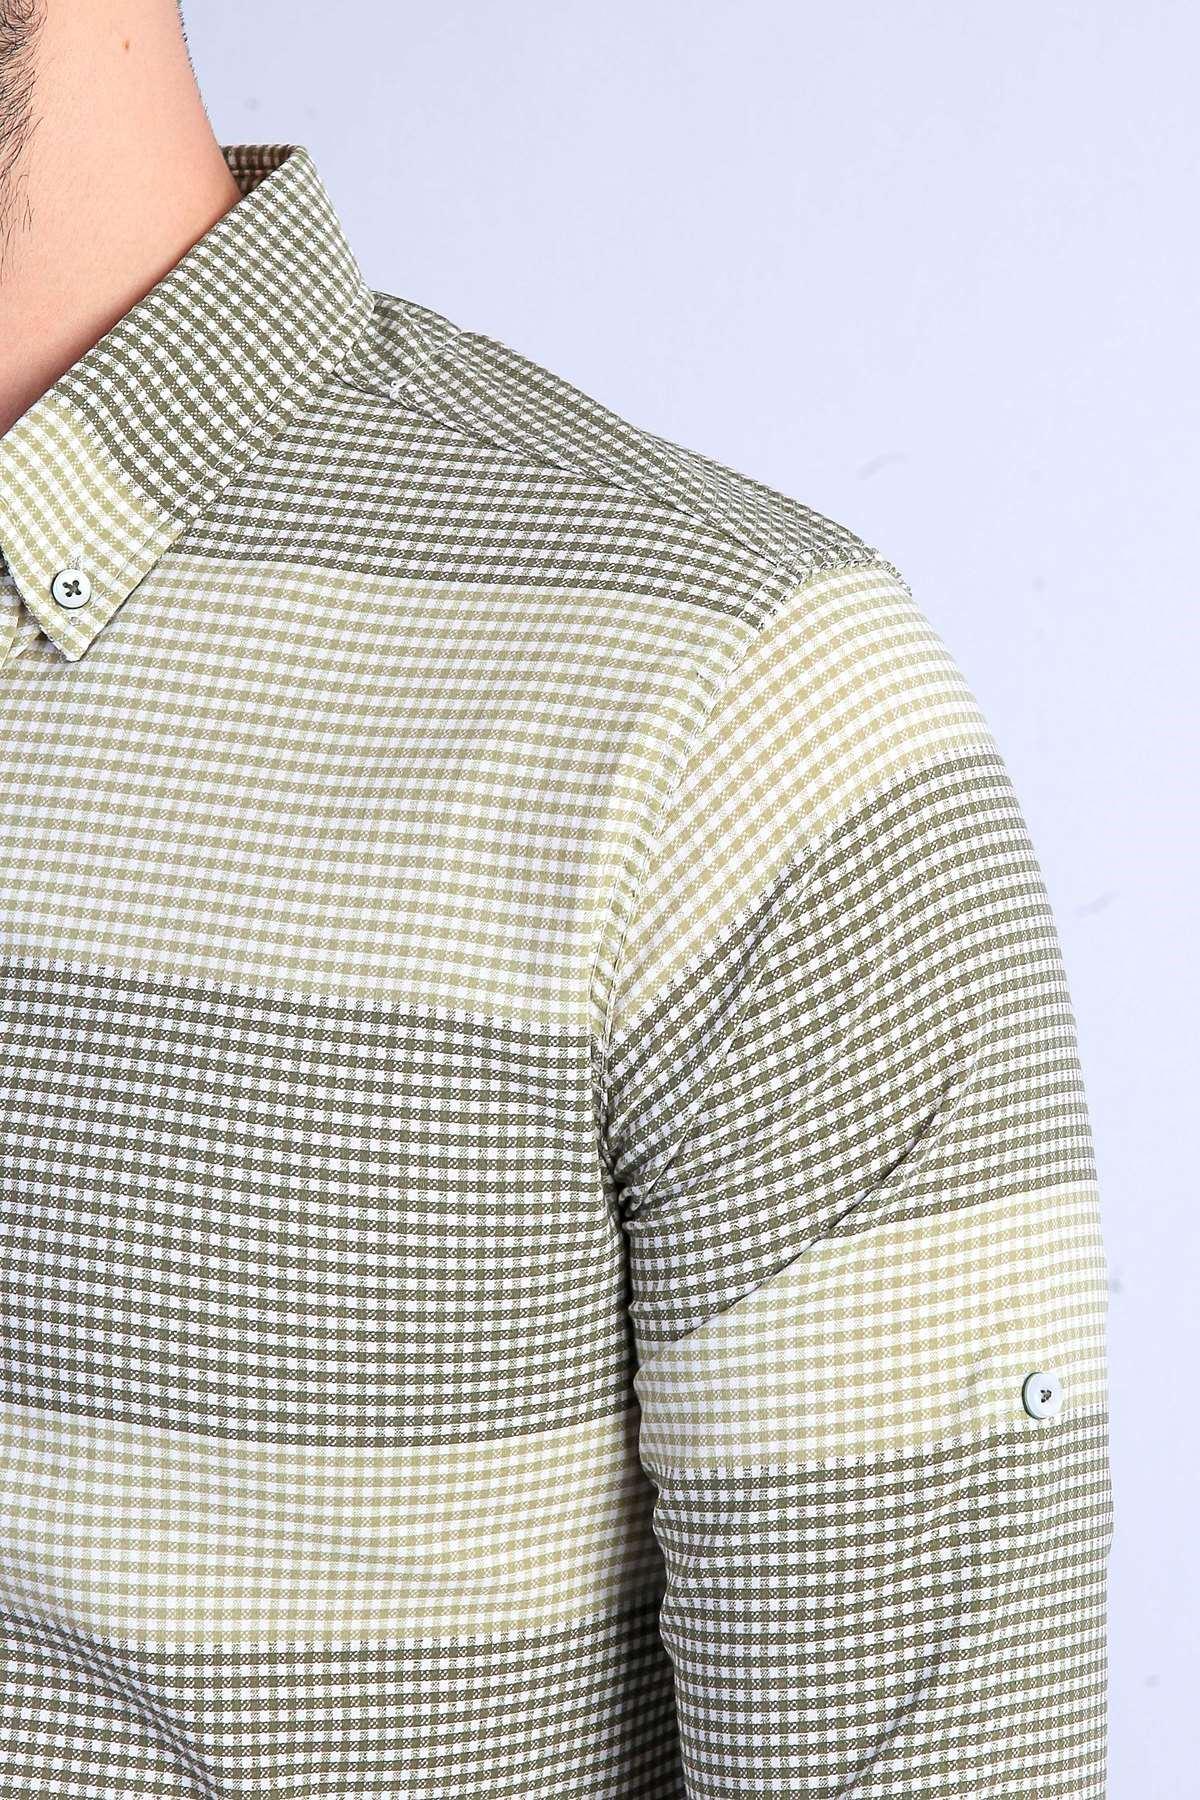 Küçük Kare Desenli Yaka Düğmeli Slim Fit Gömlek Haki